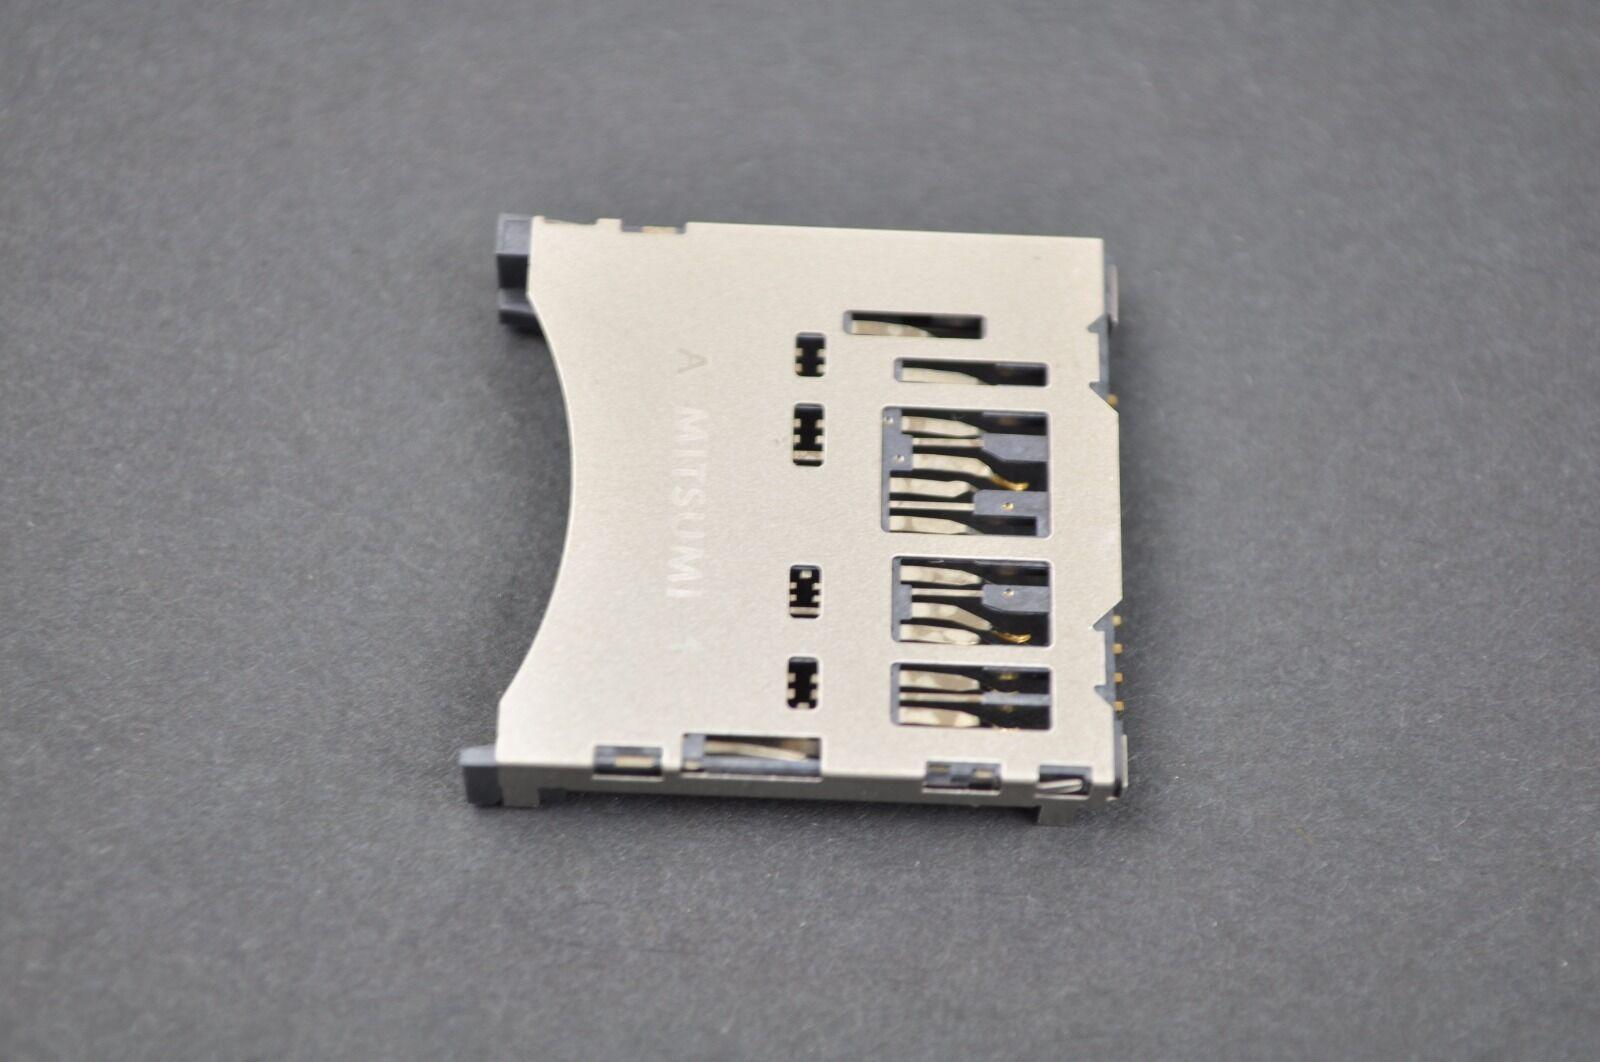 Nikon Sd Memory Card Slot Holder For Canon Eos 1200d / Re...